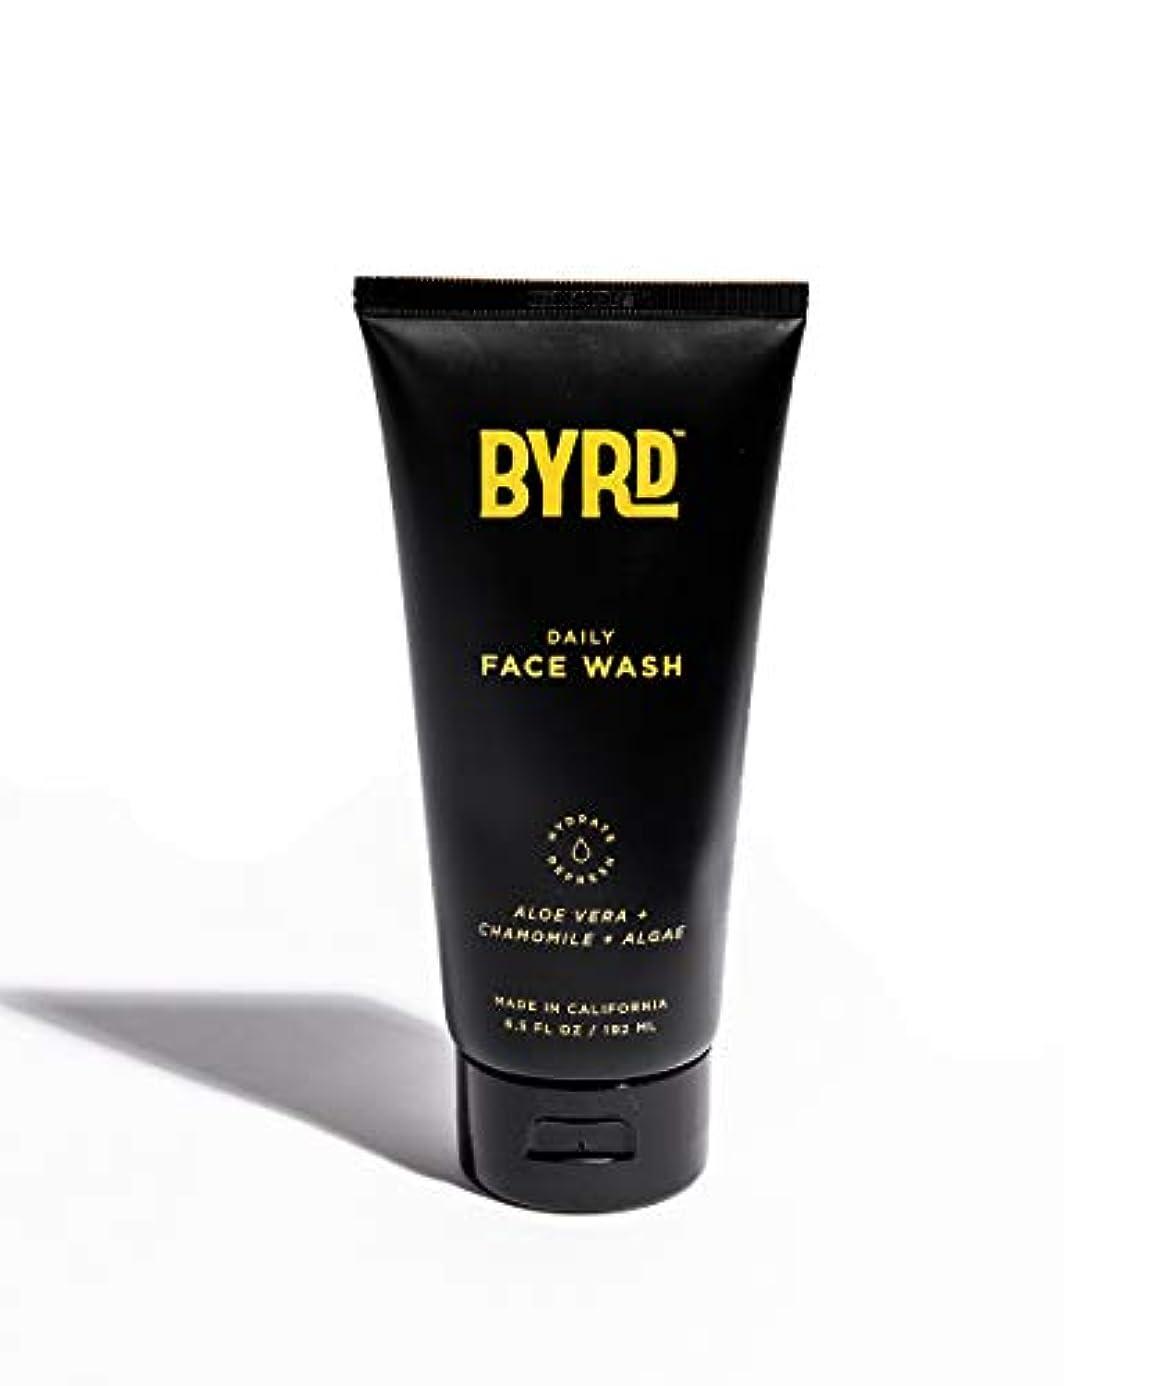 操るゴミ箱馬鹿BYRD/フェイスウォッシュ メンズコスメ 洗顔 天然成分 スッキリ さっぱり